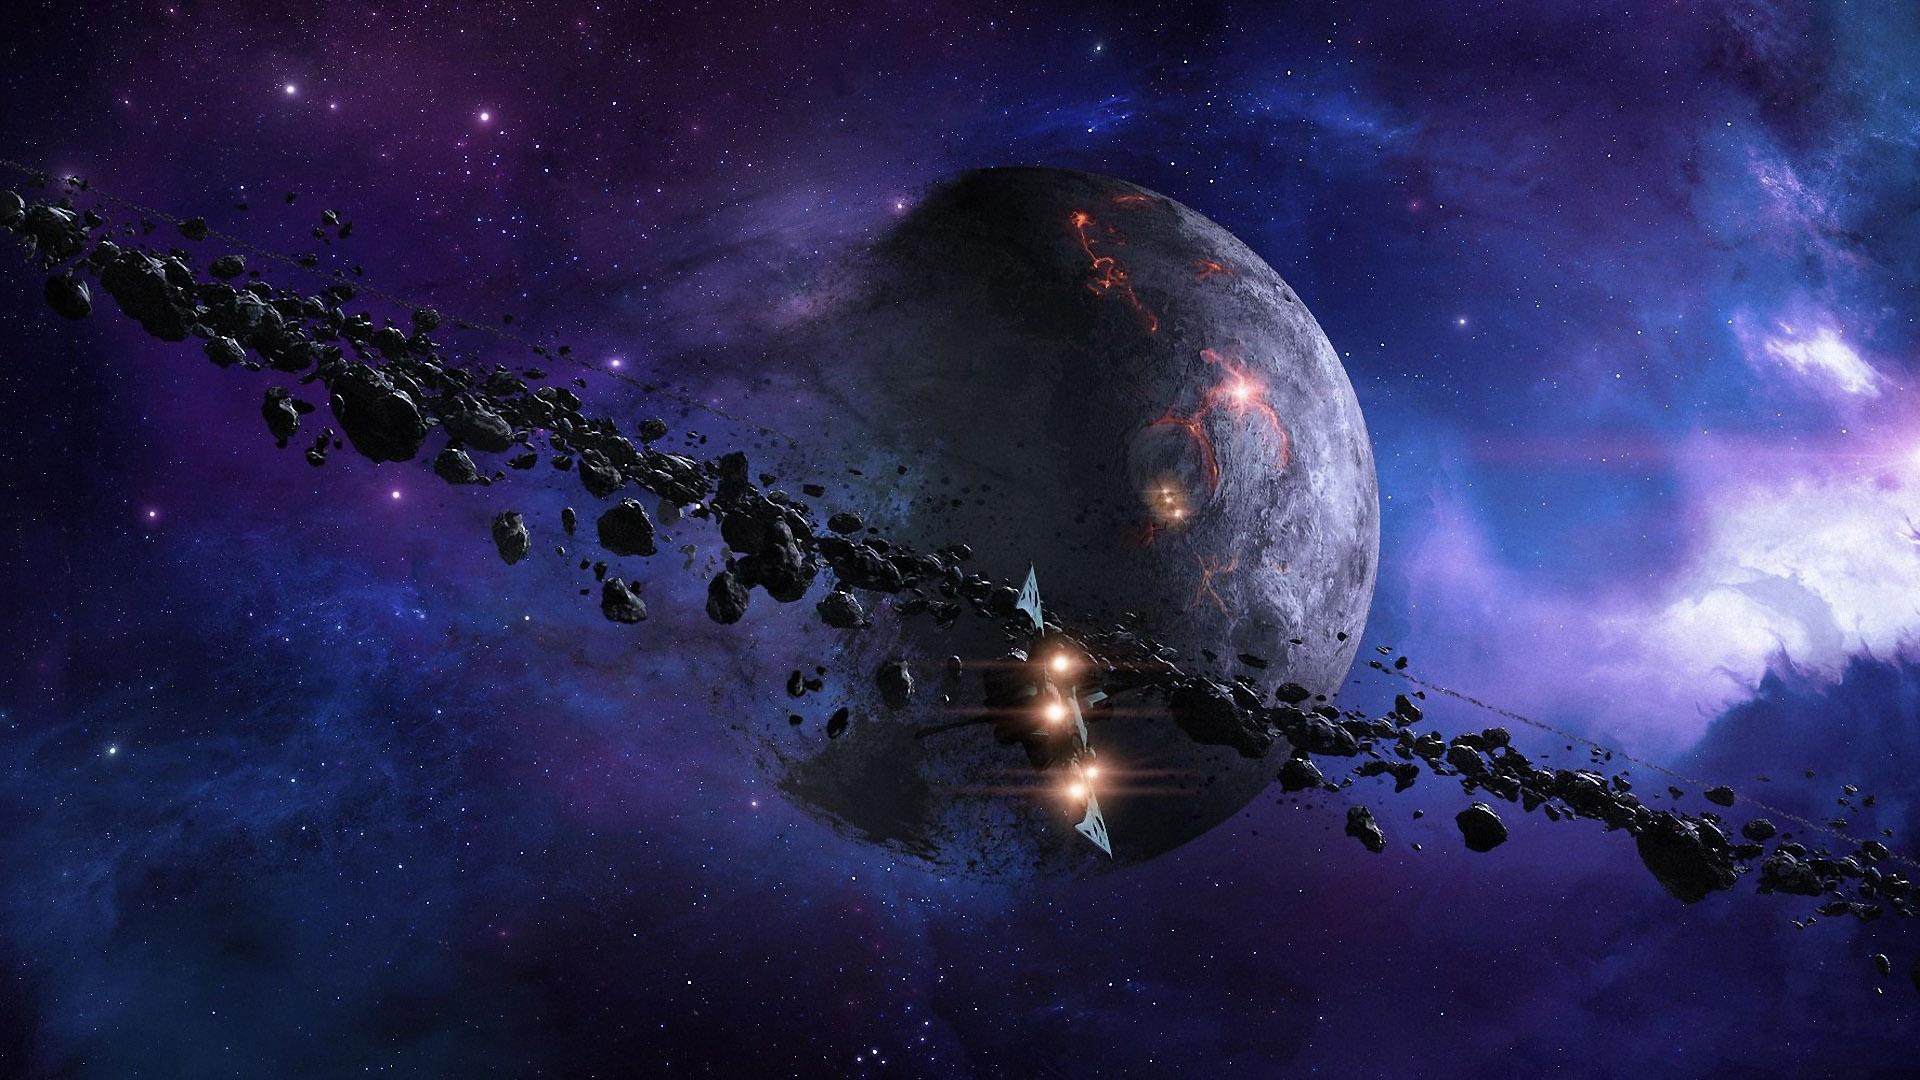 Красивые обои планет, космоса, галактик на рабочий стол - подборка 15